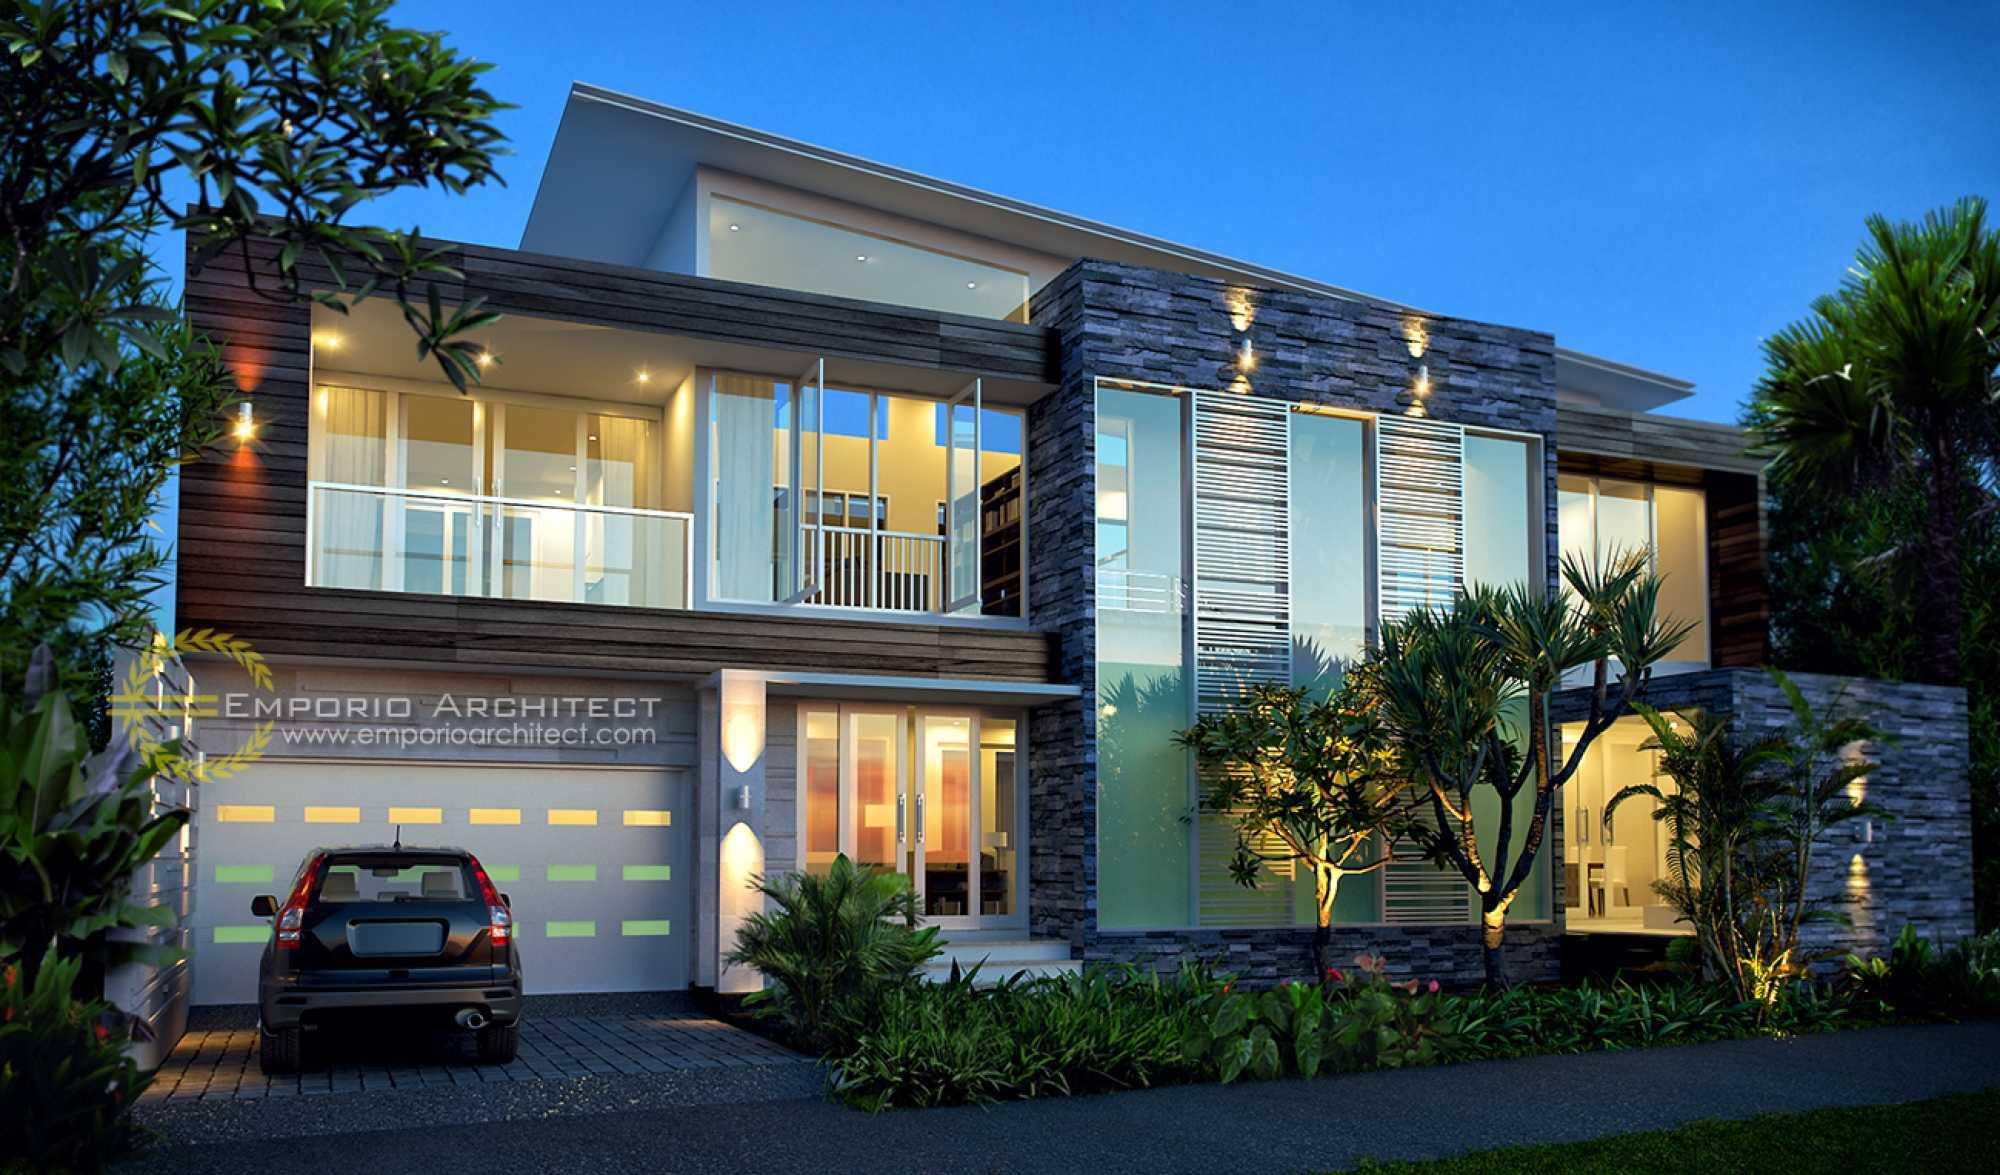 Emporio Architect Jasa Arsitek Aceh Desain Rumah Modern Tropis 203 @ Aceh Aceh, Indonesia Aceh, Indonesia Emporio-Architect-Jasa-Arsitek-Aceh-Desain-Rumah-Modern-Tropis-203-Aceh Modern 78936